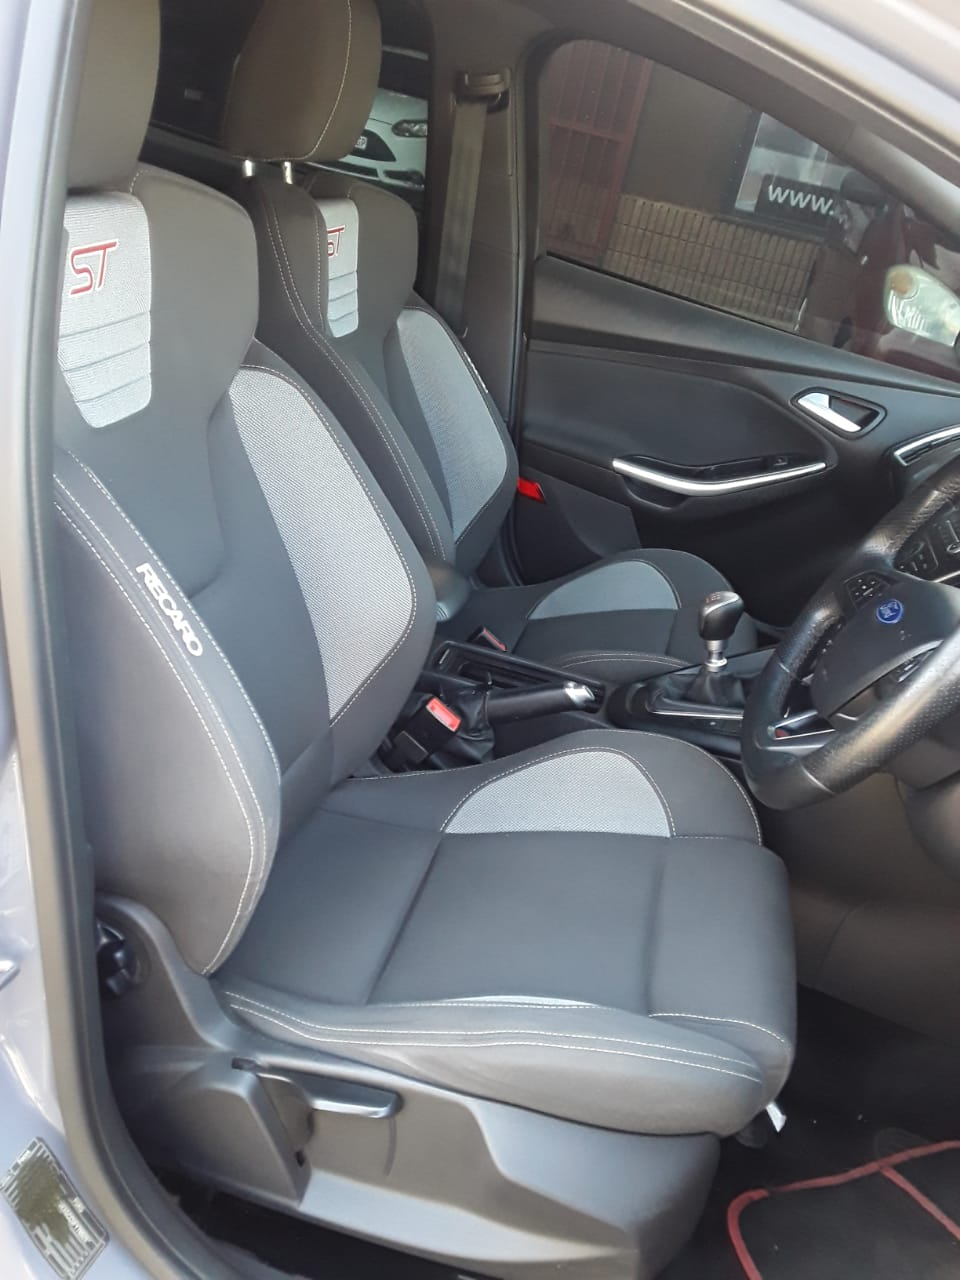 2016 Ford ST Fiesta